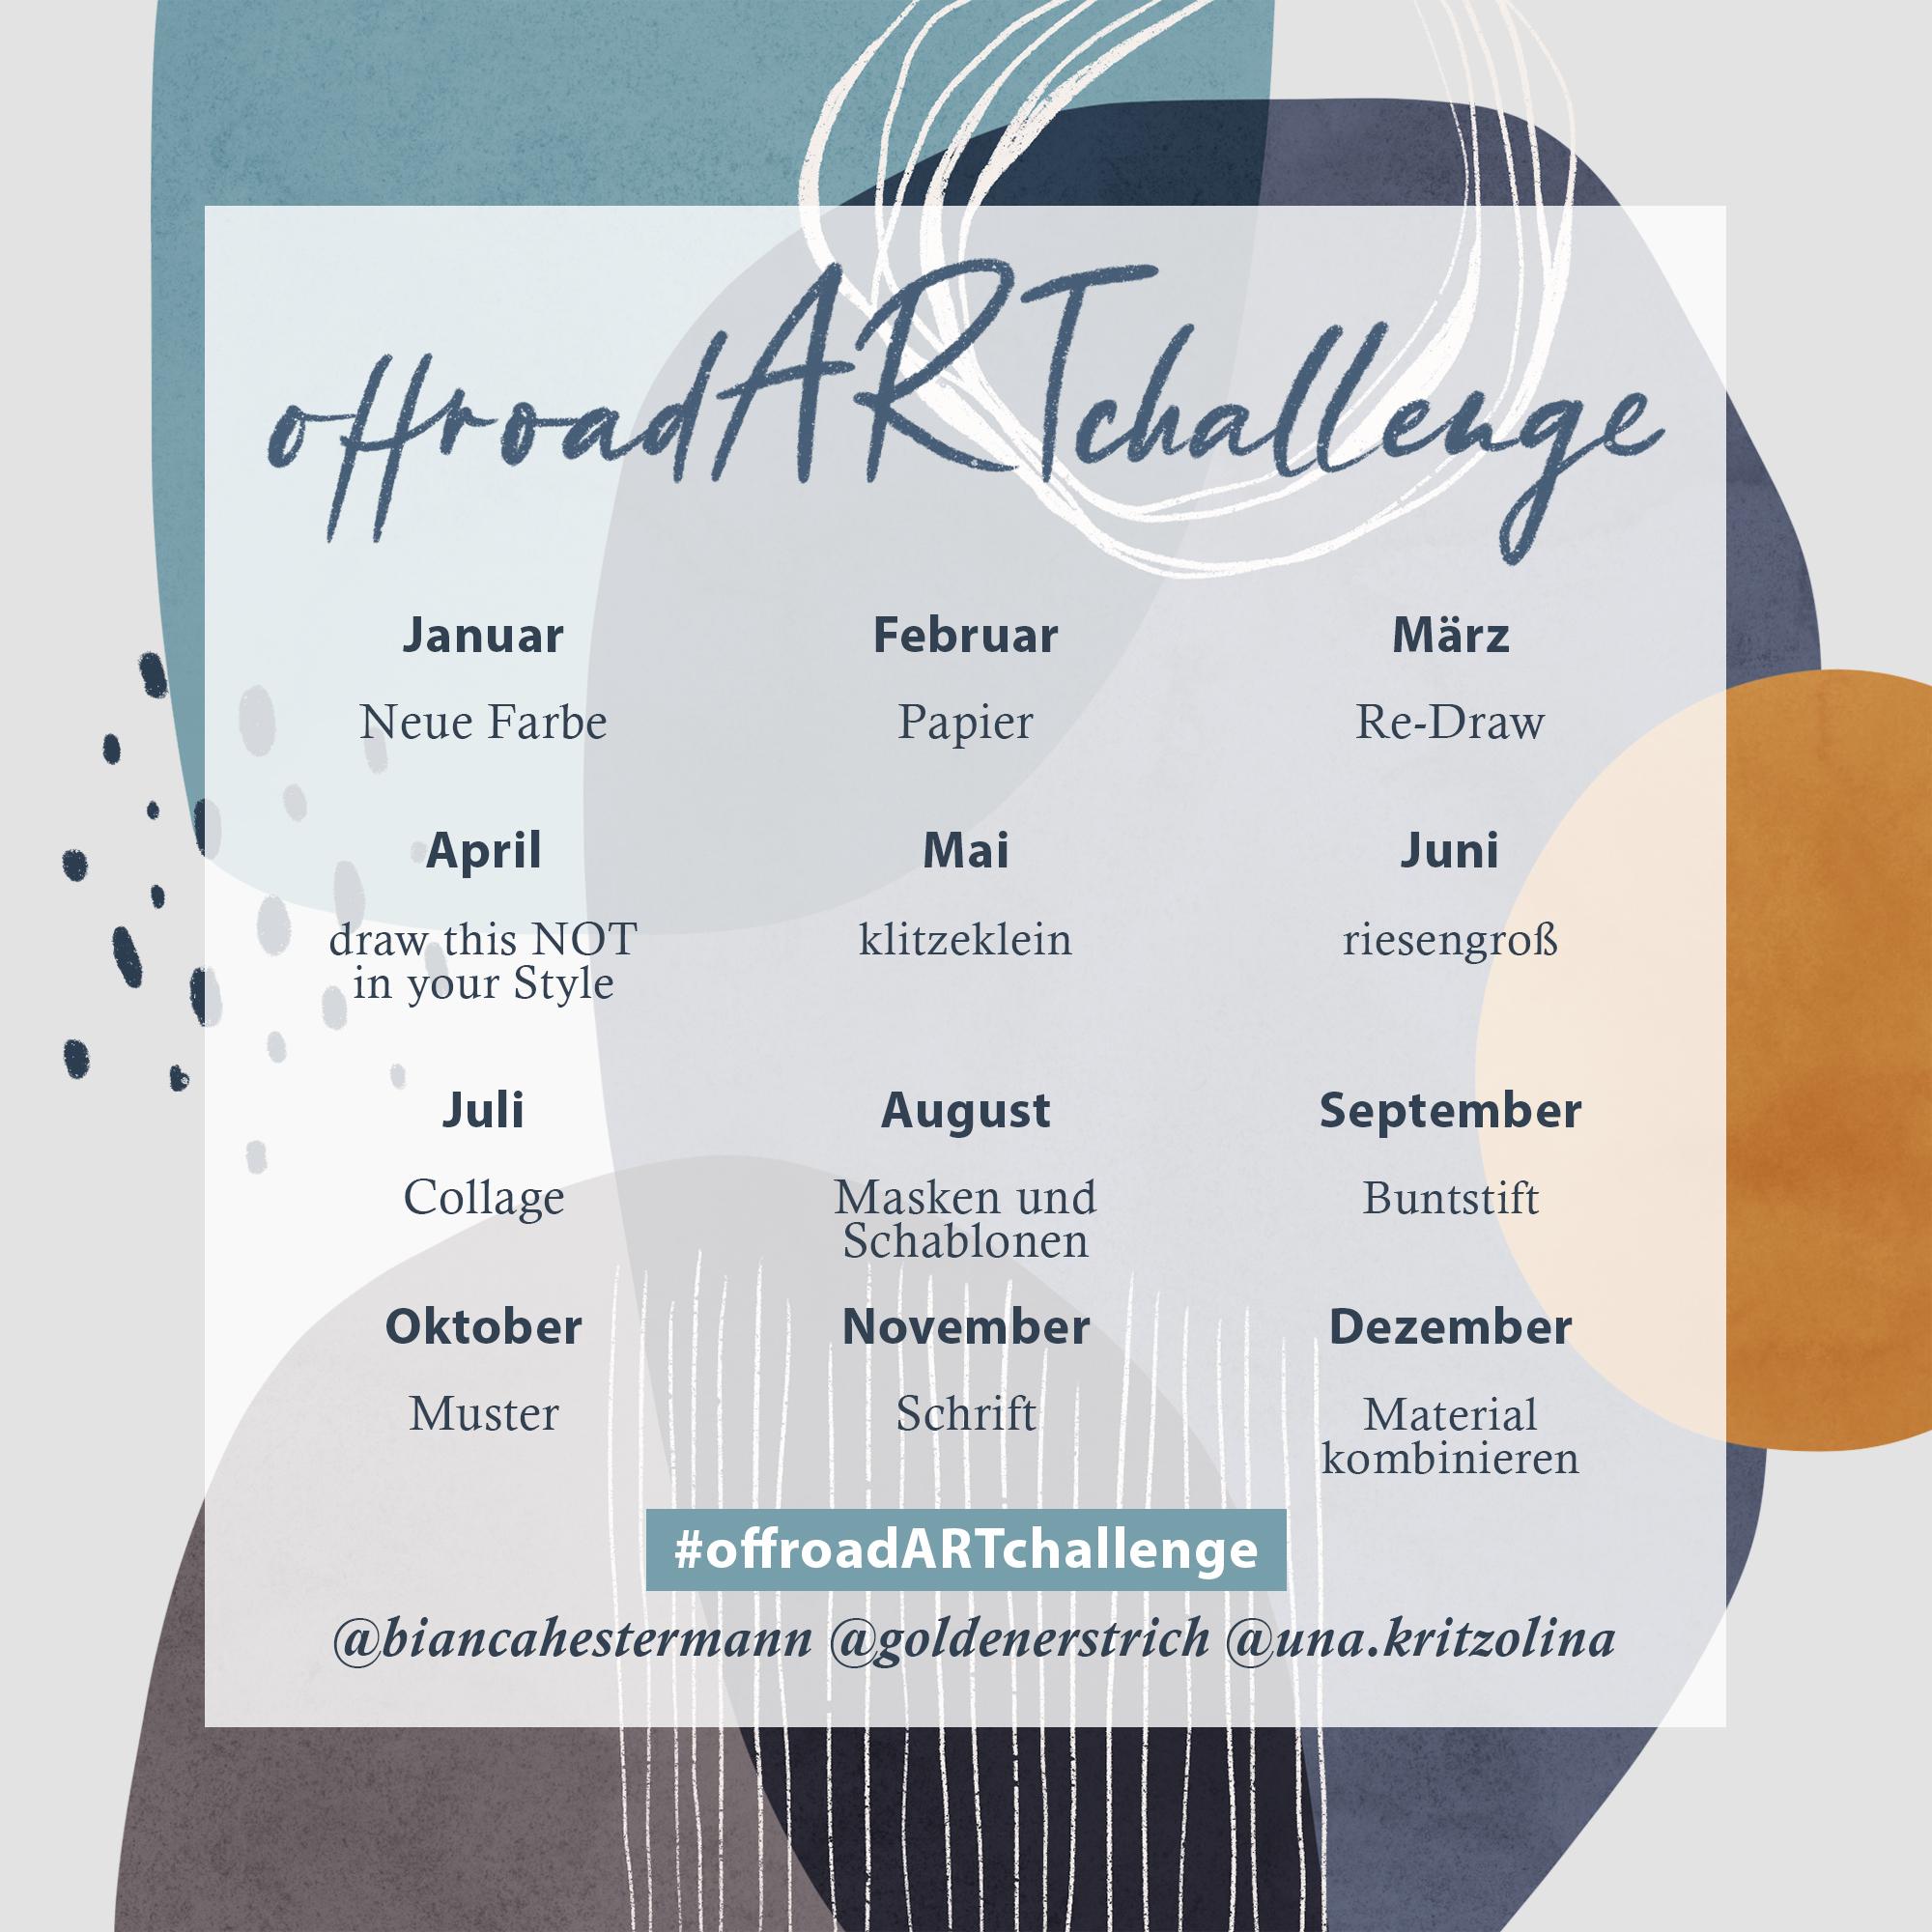 offroad ART challenge Übersicht der Themen für unsere Instagram-Challenge für das Jahr 2021